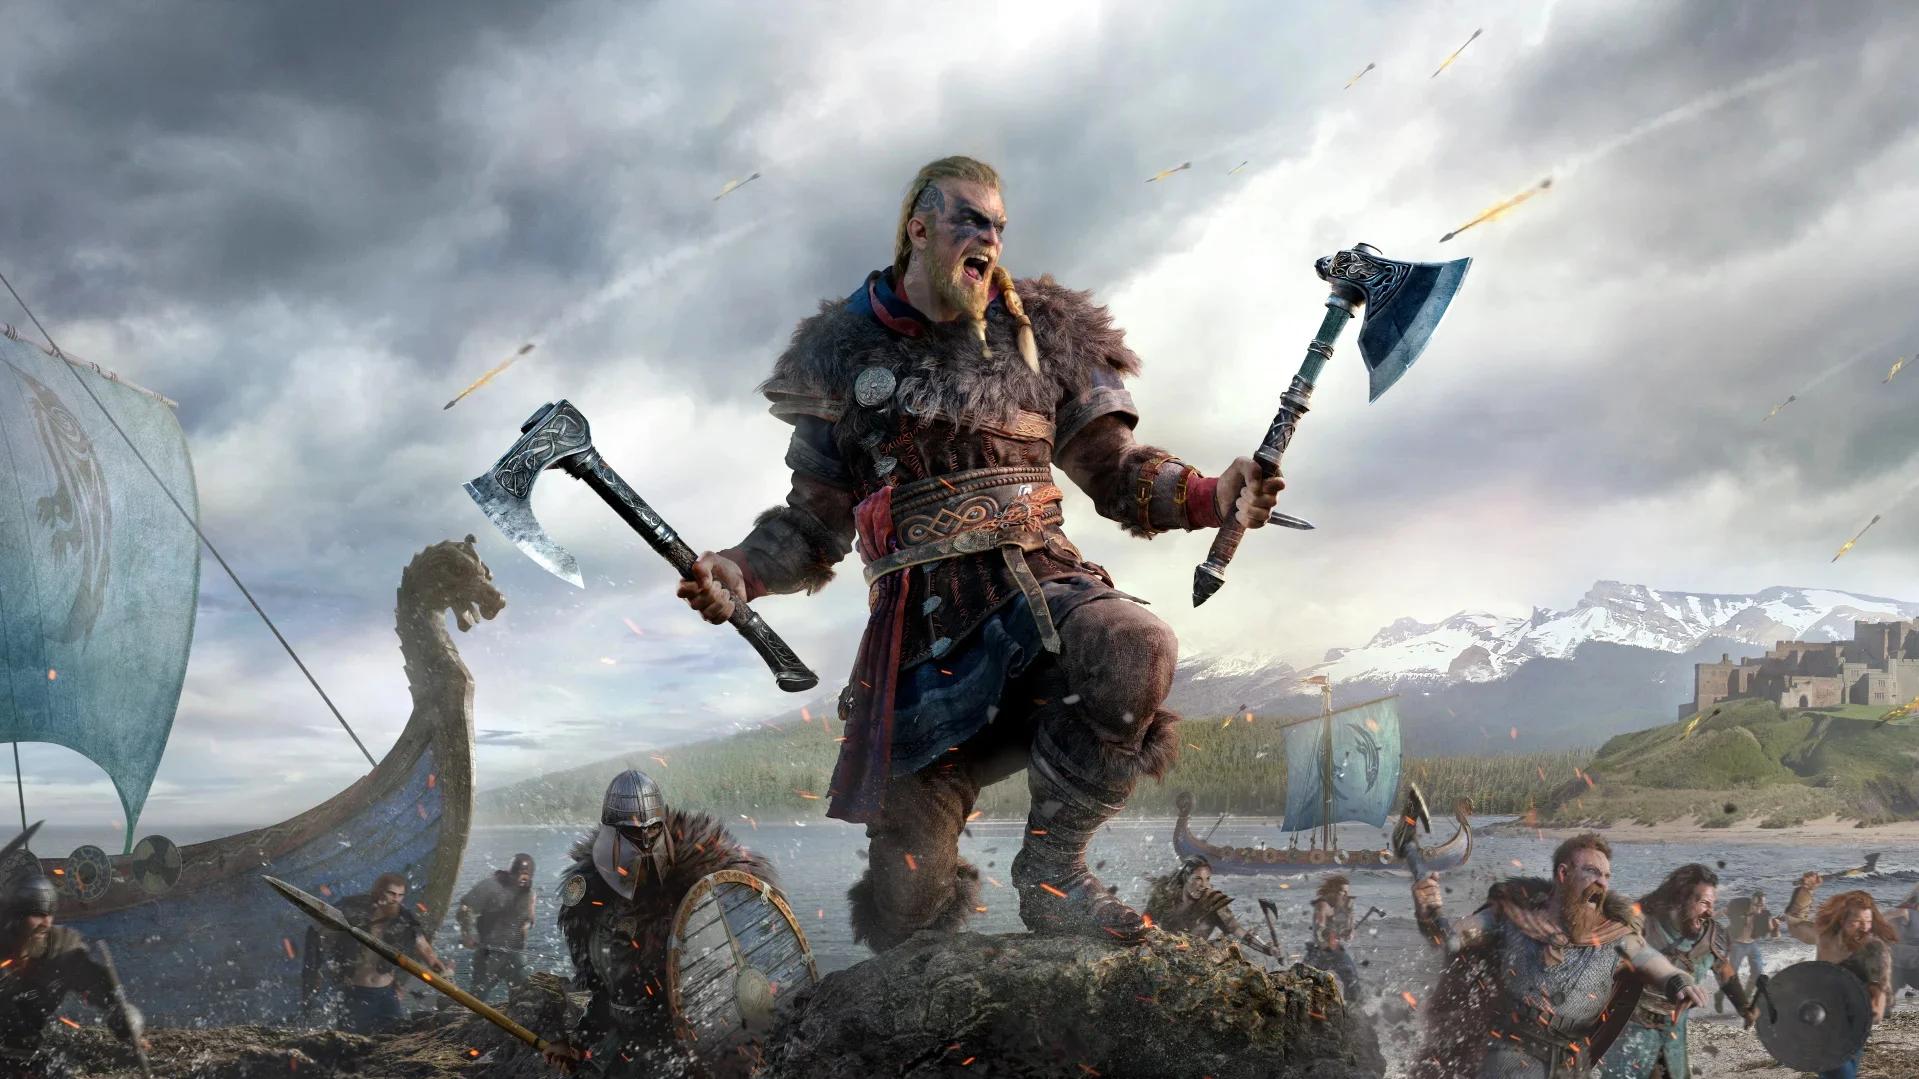 Ubisoft улучшила поддержку контроллера DualSense в Assassin's Creed Valhalla для PlayStation 5